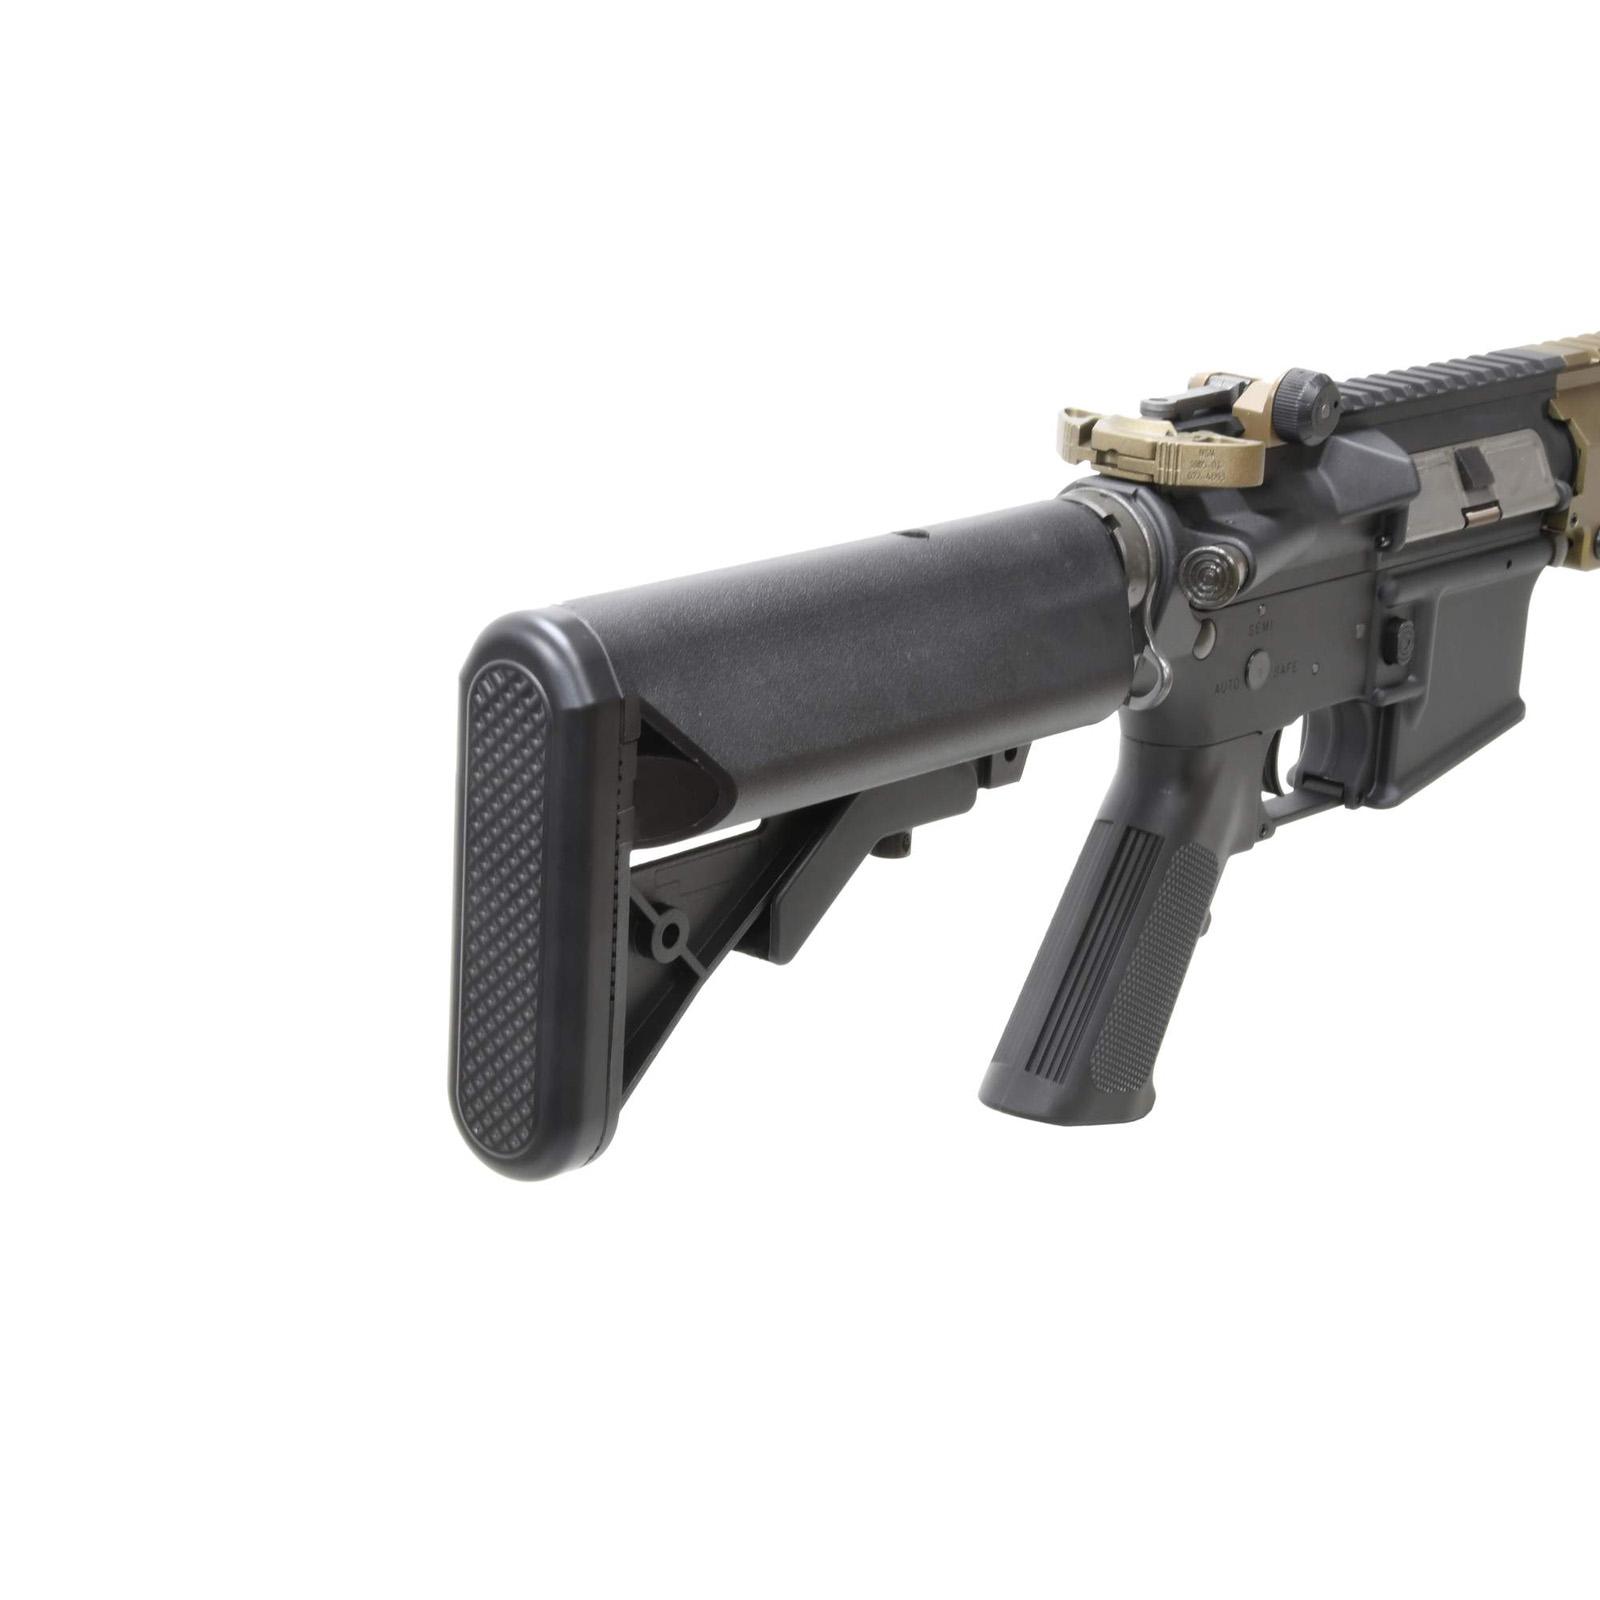 【予約受付中・新商品・10月発売予定】VFC/CyberGun 電動ガン Colt M4 URG-I CQB *日本仕様/コルトライセンス品 【品番:CYB-AEG-M4-URGI-S-TB01】